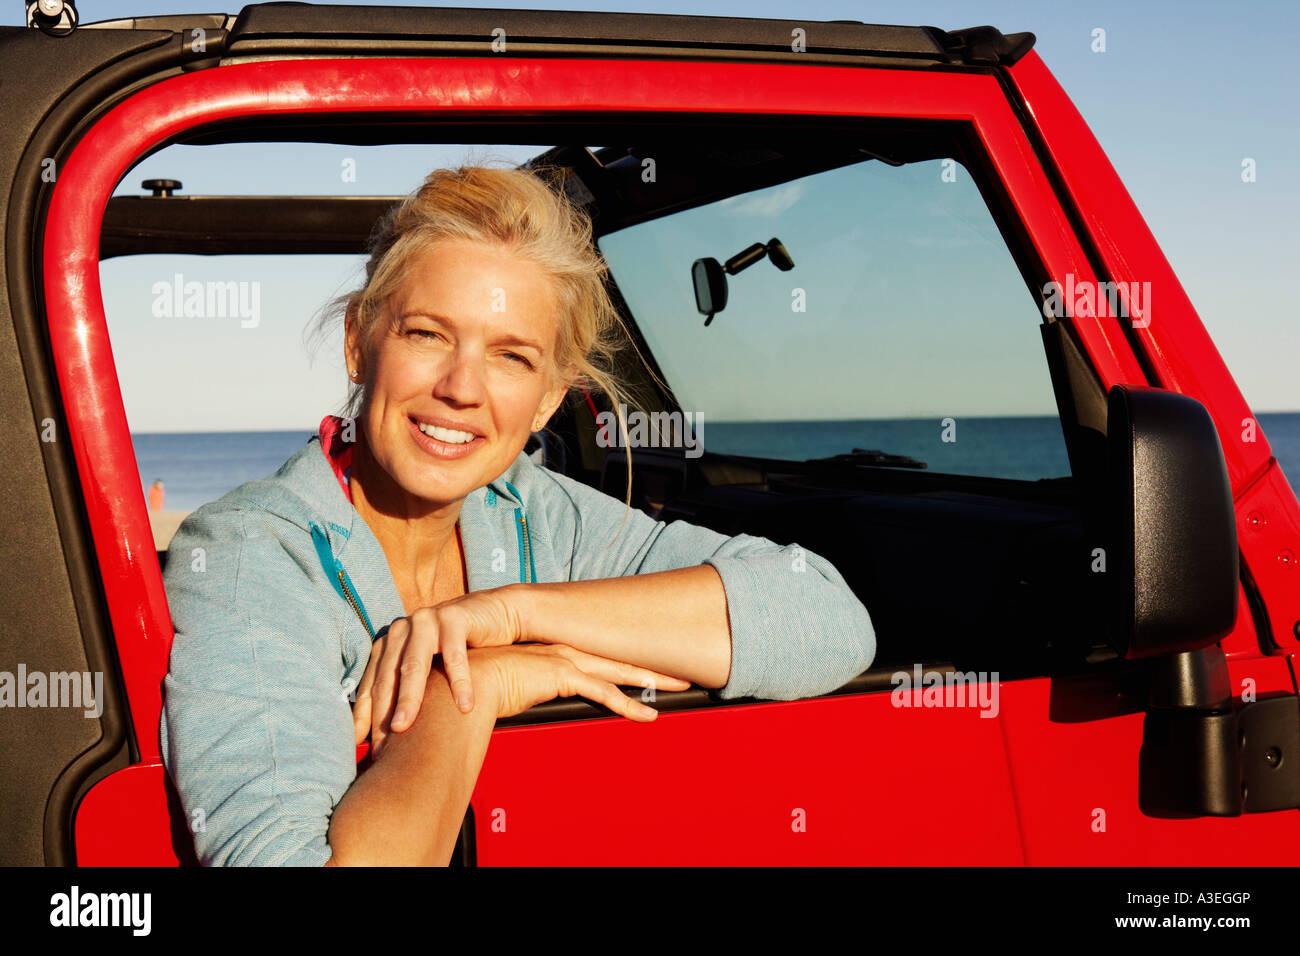 Portrait of a young woman appuyé contre la porte du véhicule Photo Stock